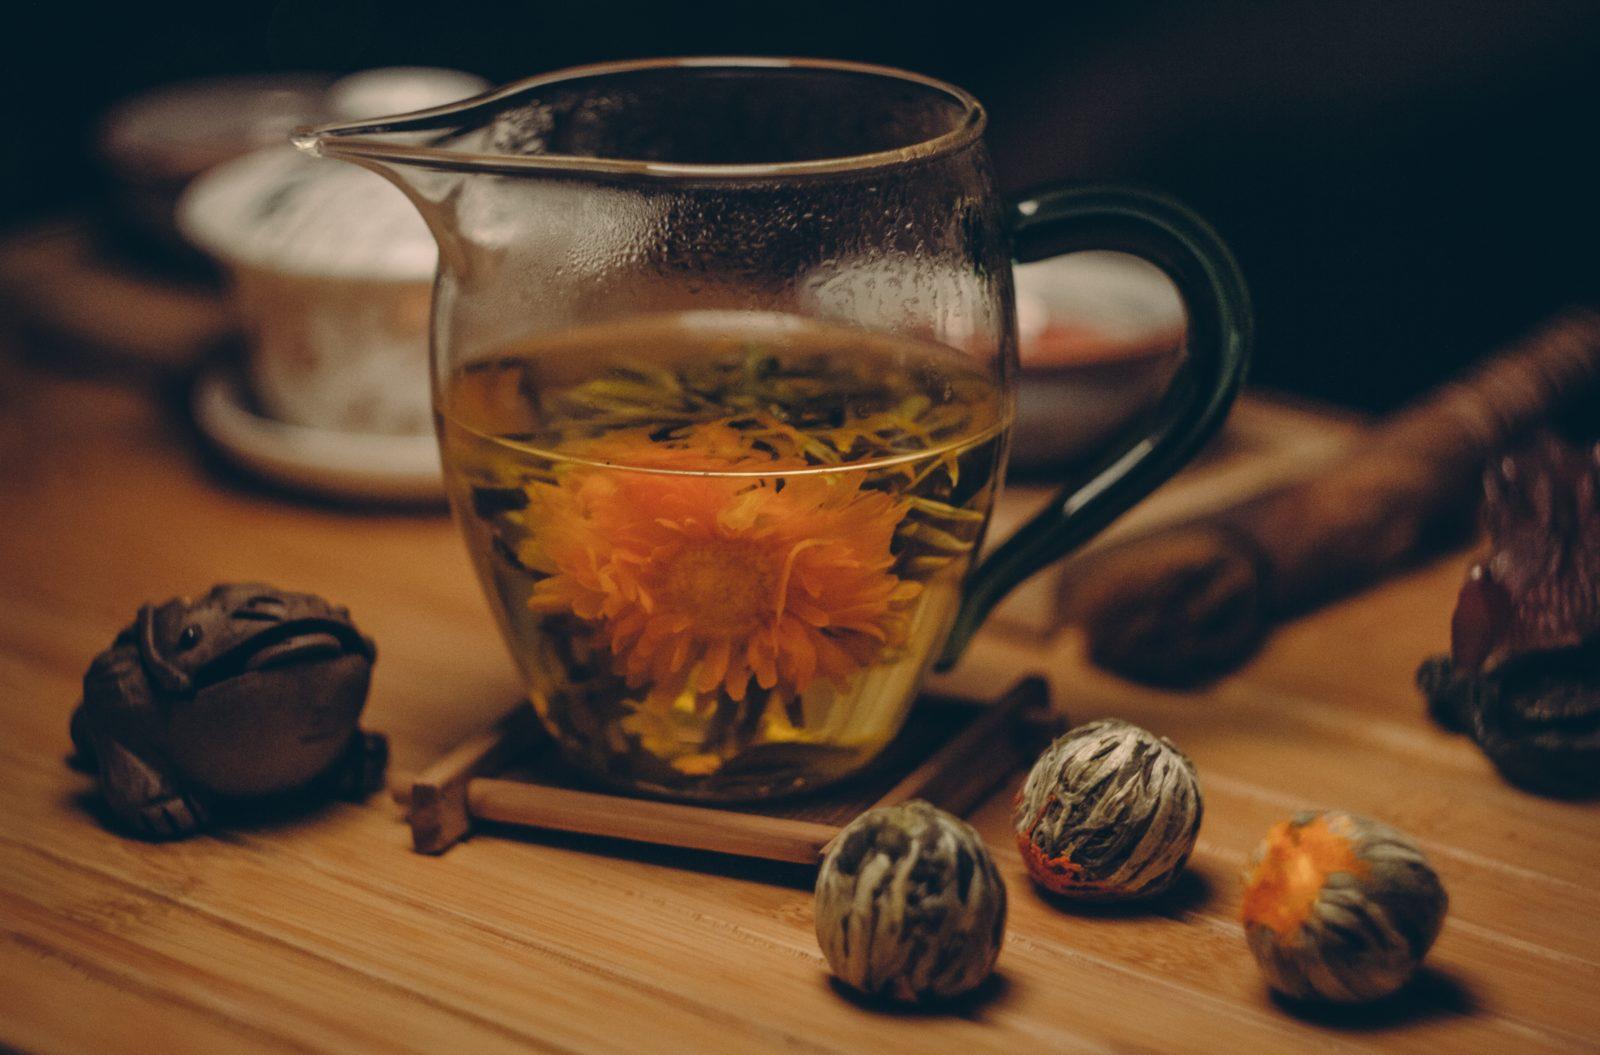 ・Spune-mi ce fel de ceai bei ca să îți zic ce ți se potrivește iarna aceasta